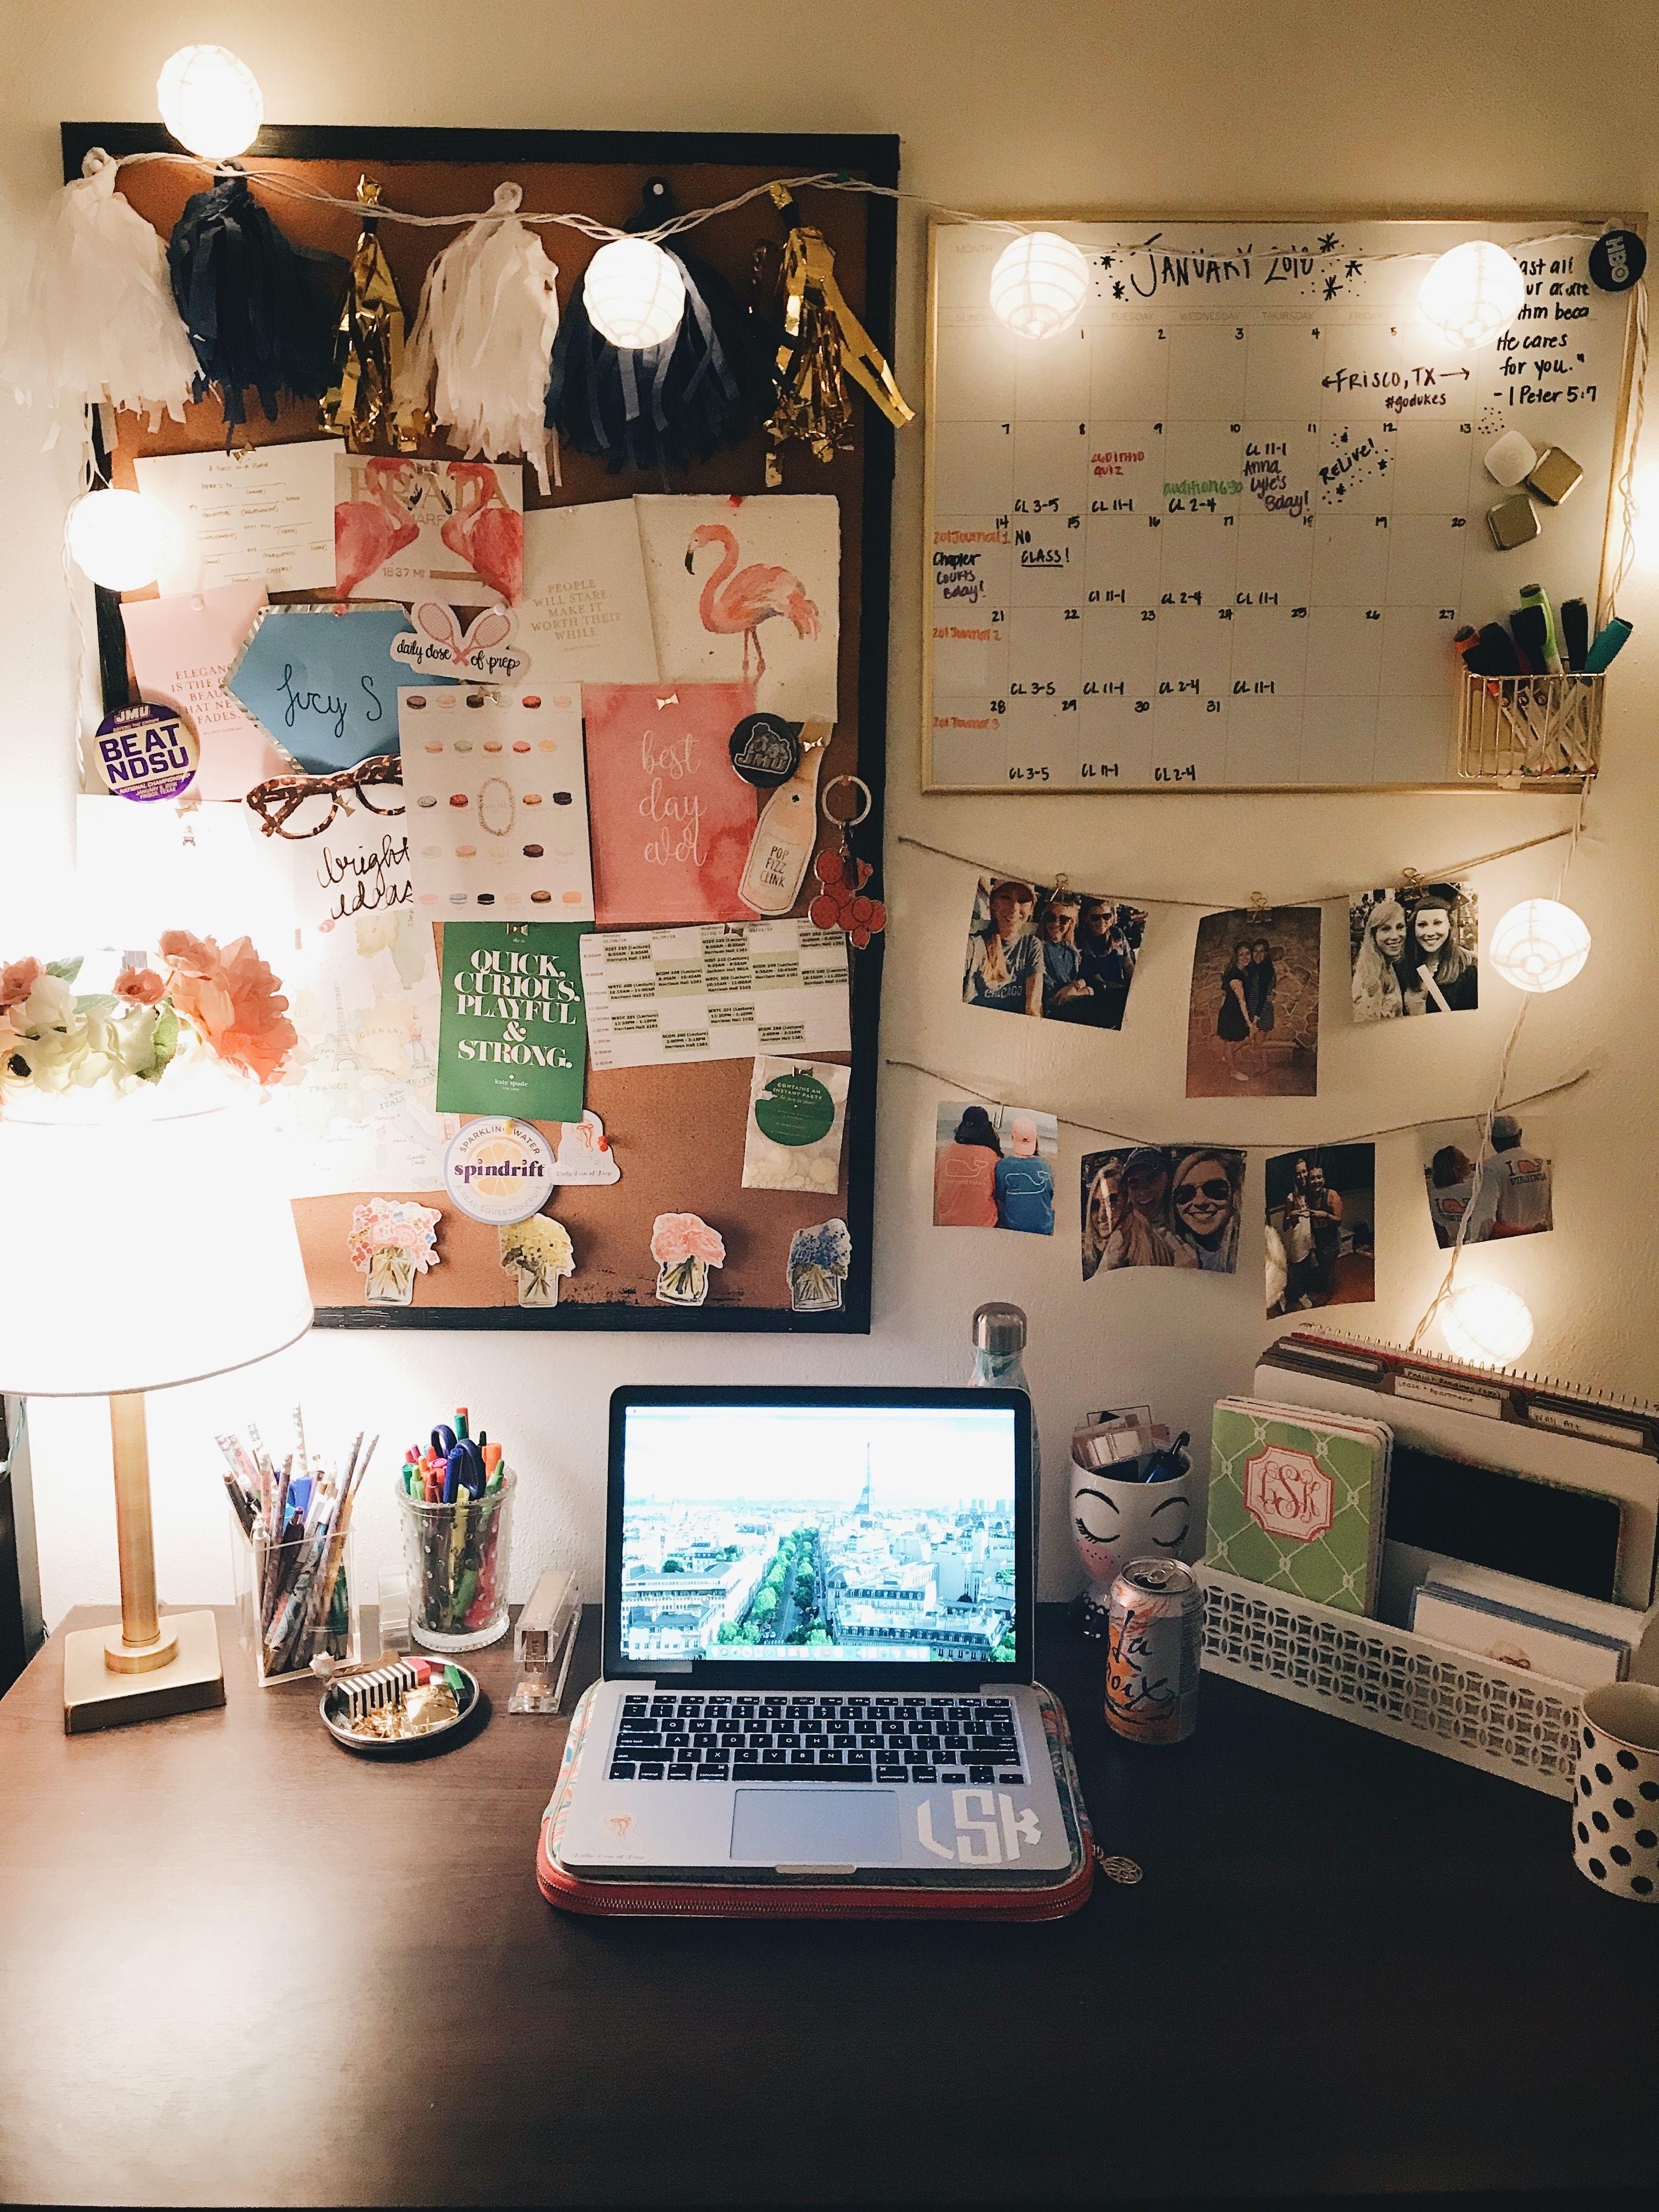 Preppy Desk College Workspace Daily Dose Of Prep Decoracao Para Dormitorios Decoracoes De Mesa Sala De Apartamento